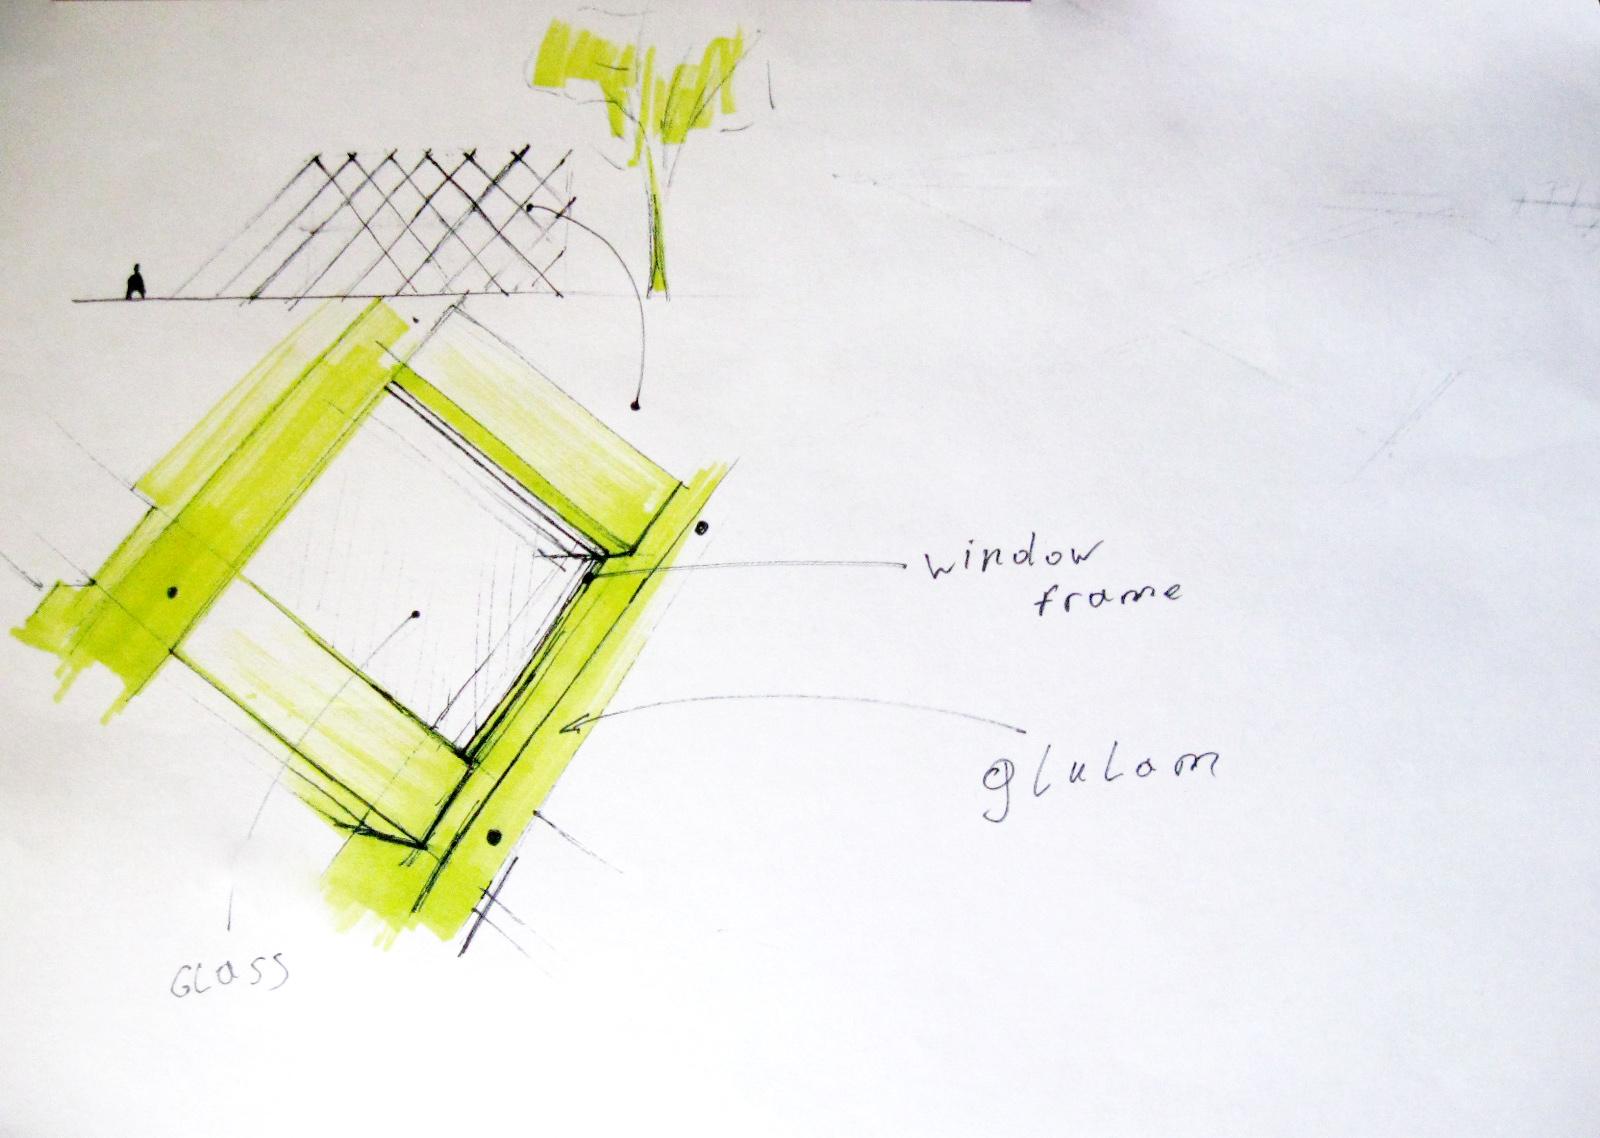 01_sketch_IMG_0170_copy.jpg